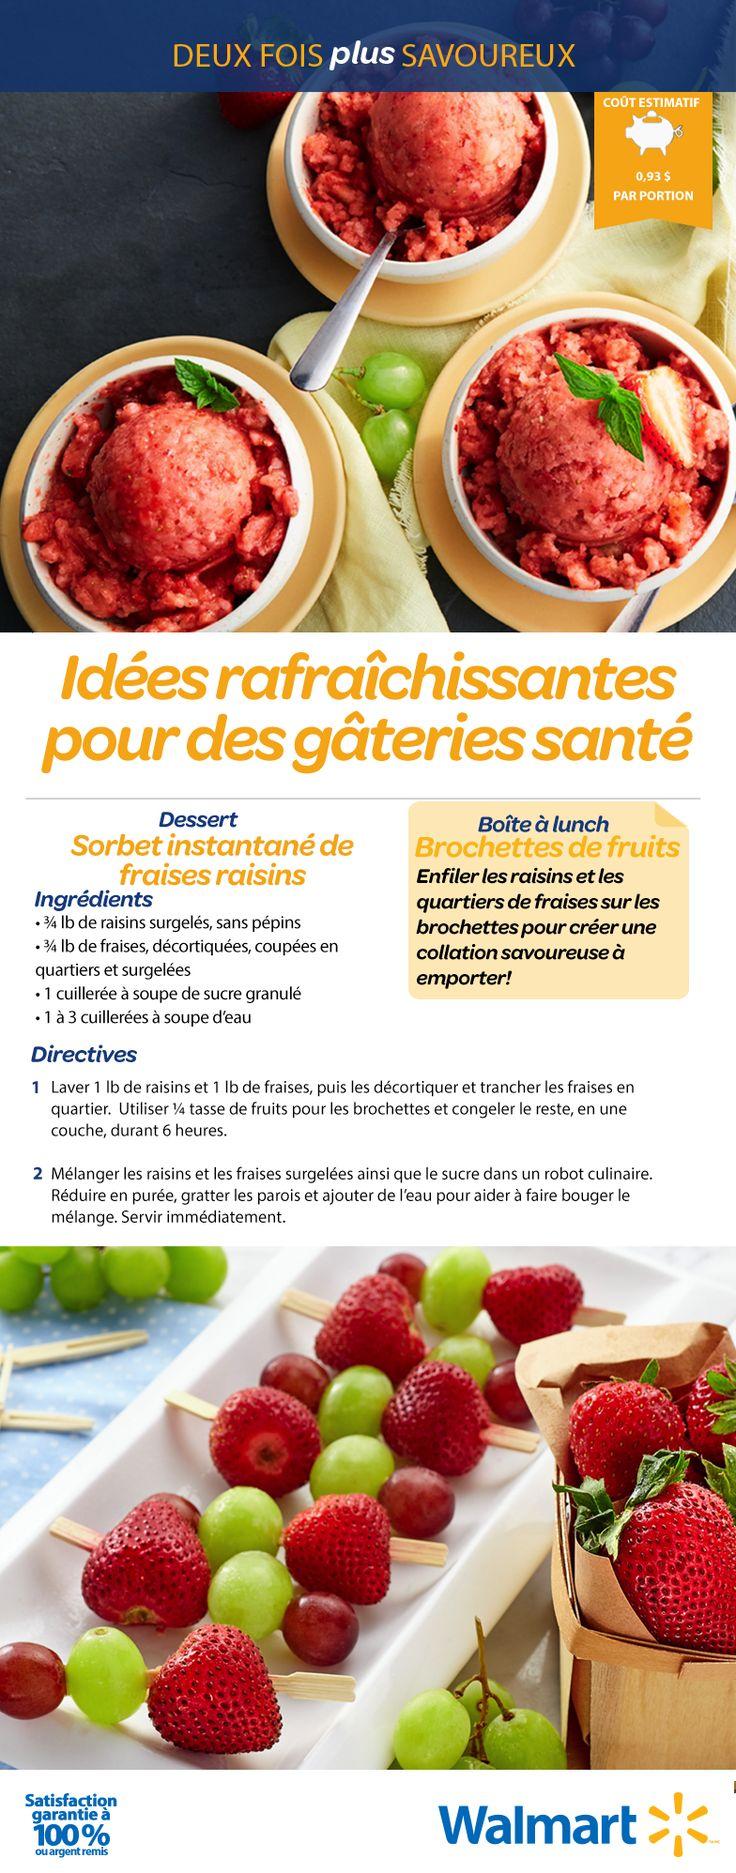 Les raisins et les fraises fraîches ajoutent une délicieuse touche sucrée à ce sorbet. En plus de divertir vos enfants, ce dessert se transforme rapidement en brochettes de fruits faciles à manger pour les boîtes à lunch du lendemain. #RecetteRentréeDesClasses